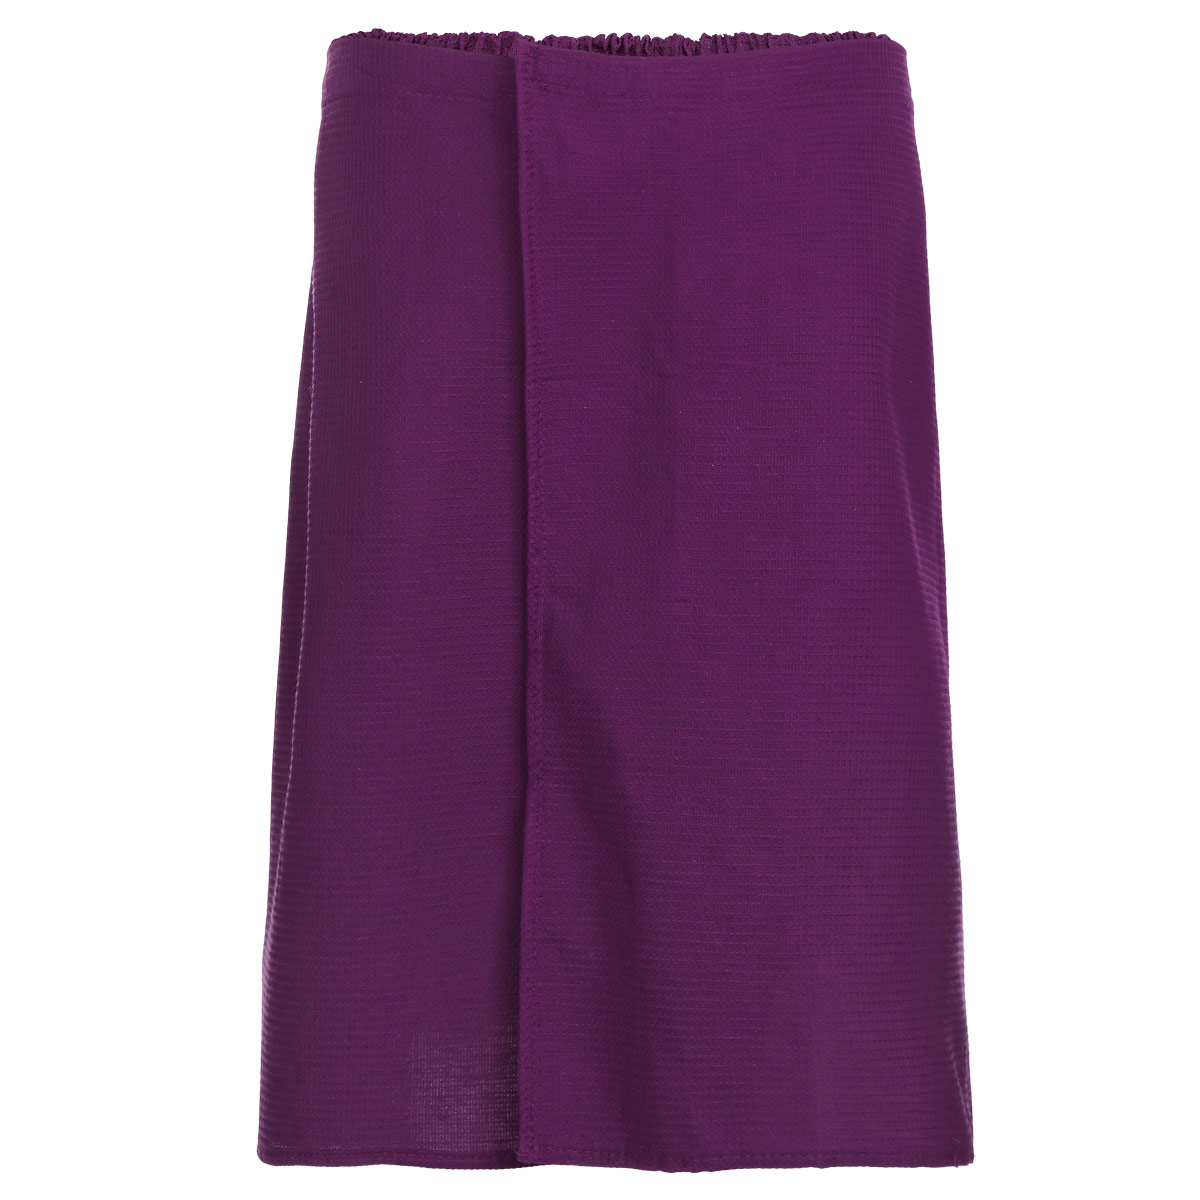 Килт для бани и сауны Банные штучки, мужской, цвет: фиолетовый килт для бани и сауны банные штучки мужской цвет в ассортименте